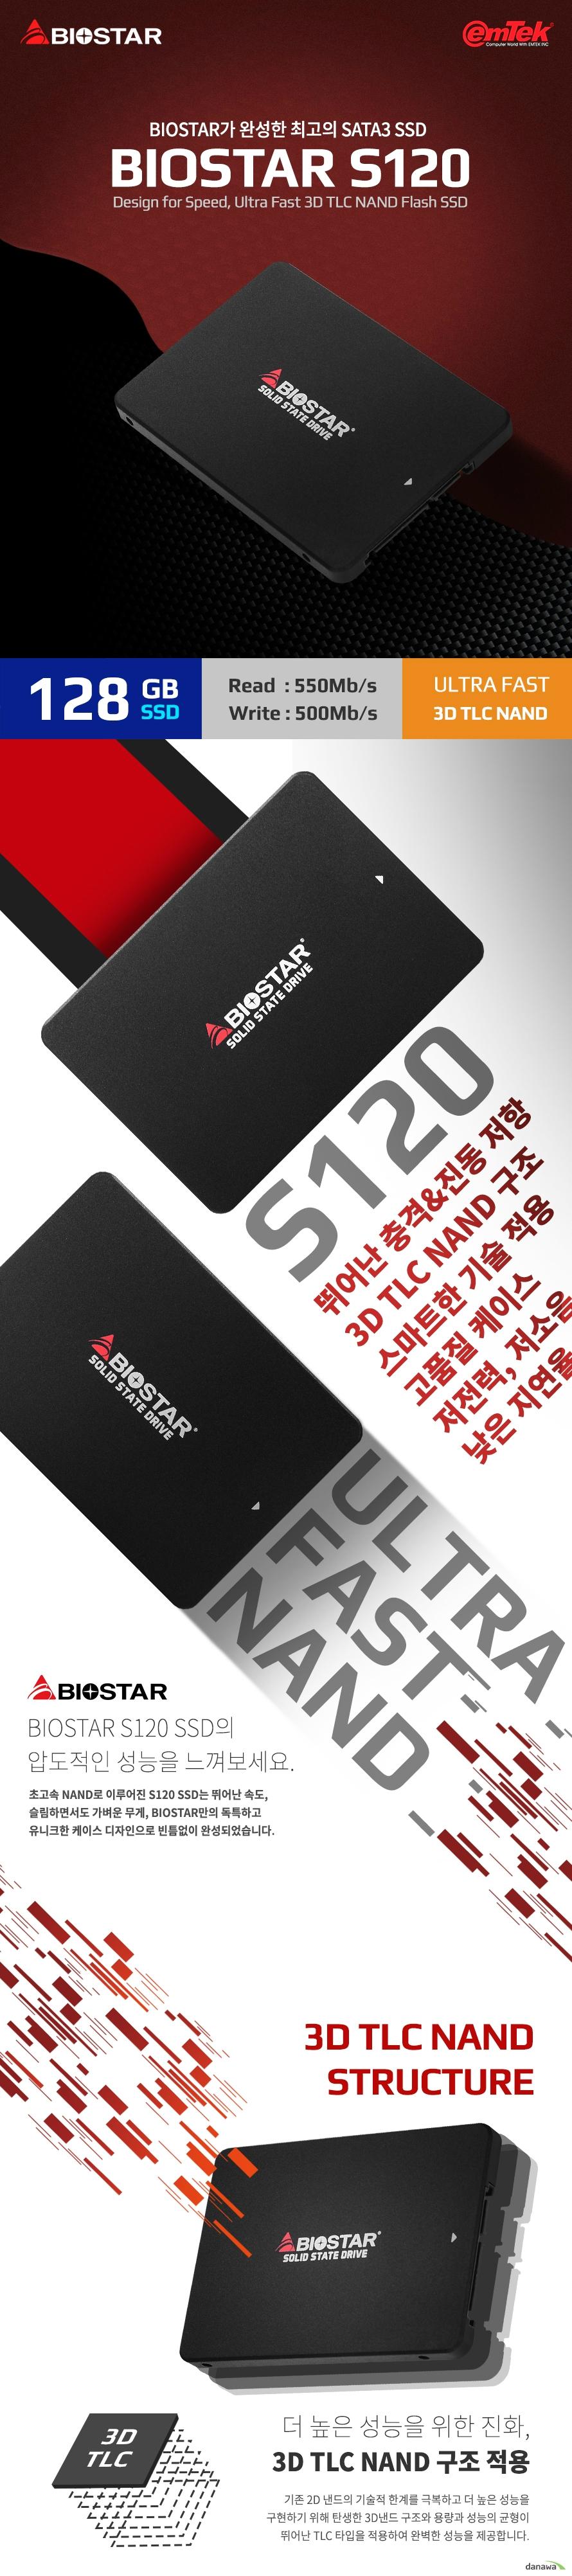 이엠텍 BIOSTAR S120 (128GB)  제품 상세 정보  용량 128GB 인터페이스 SATA3 낸드 종류 3D TLC 낸드 플래시 컨트롤러 MAXIO 0902  제품 성능 읽기 최대 550MB/S 쓰기 최대 500MB/S  작동 온도 0도에서 영상 70도까지  정격 전압 DC 5V  제품 특징 TRIM S.M.A.R.T NCQ WEAR LEVELING 기술 적용 제품 크기 길이 100 밀리미터 넓이 70 밀리미터 두께 7 밀리미터  충격 저항 1500G 진동 저항 7~800헤르츠  습도 5%~95%에서 작동가능  전력 소모   사용시 1.6와트 대기시 0.34와트  제품 무게 36그램 제품 보증 3년 무상보증 KC인증번호 R R EMT BS S120